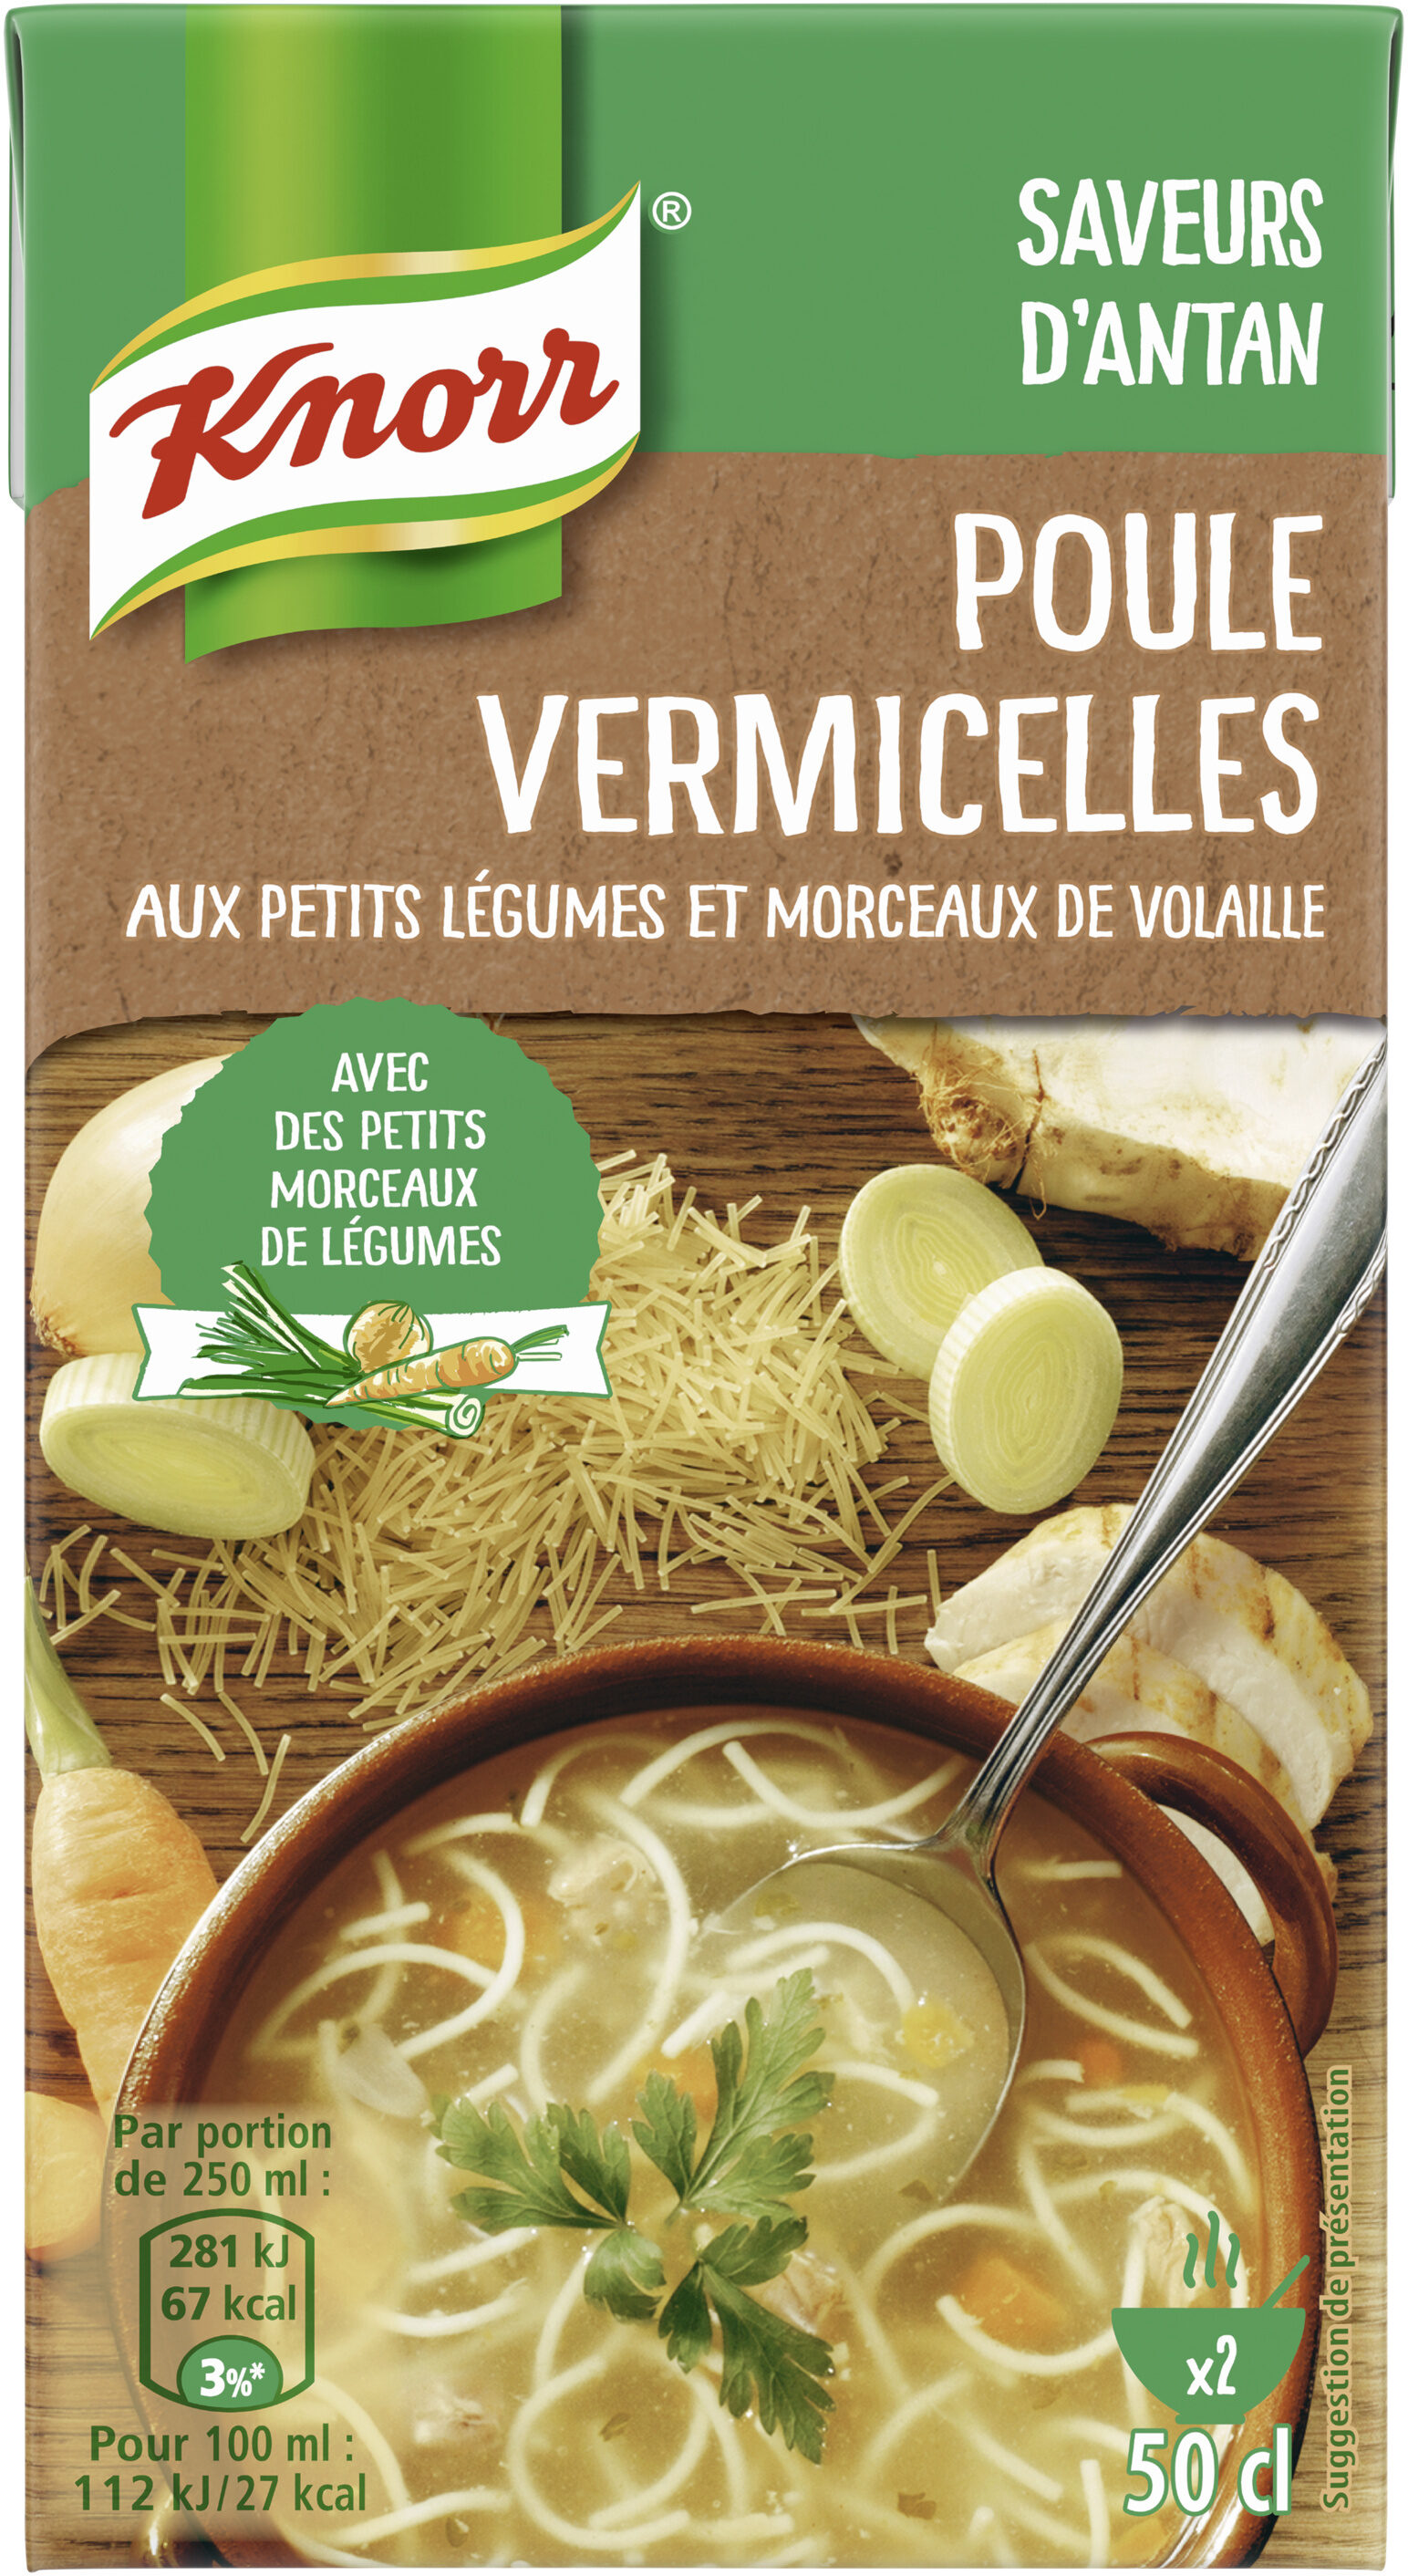 Knorr Saveurs d'Antan Soupe Poule Vermicelles 50cl - Product - fr